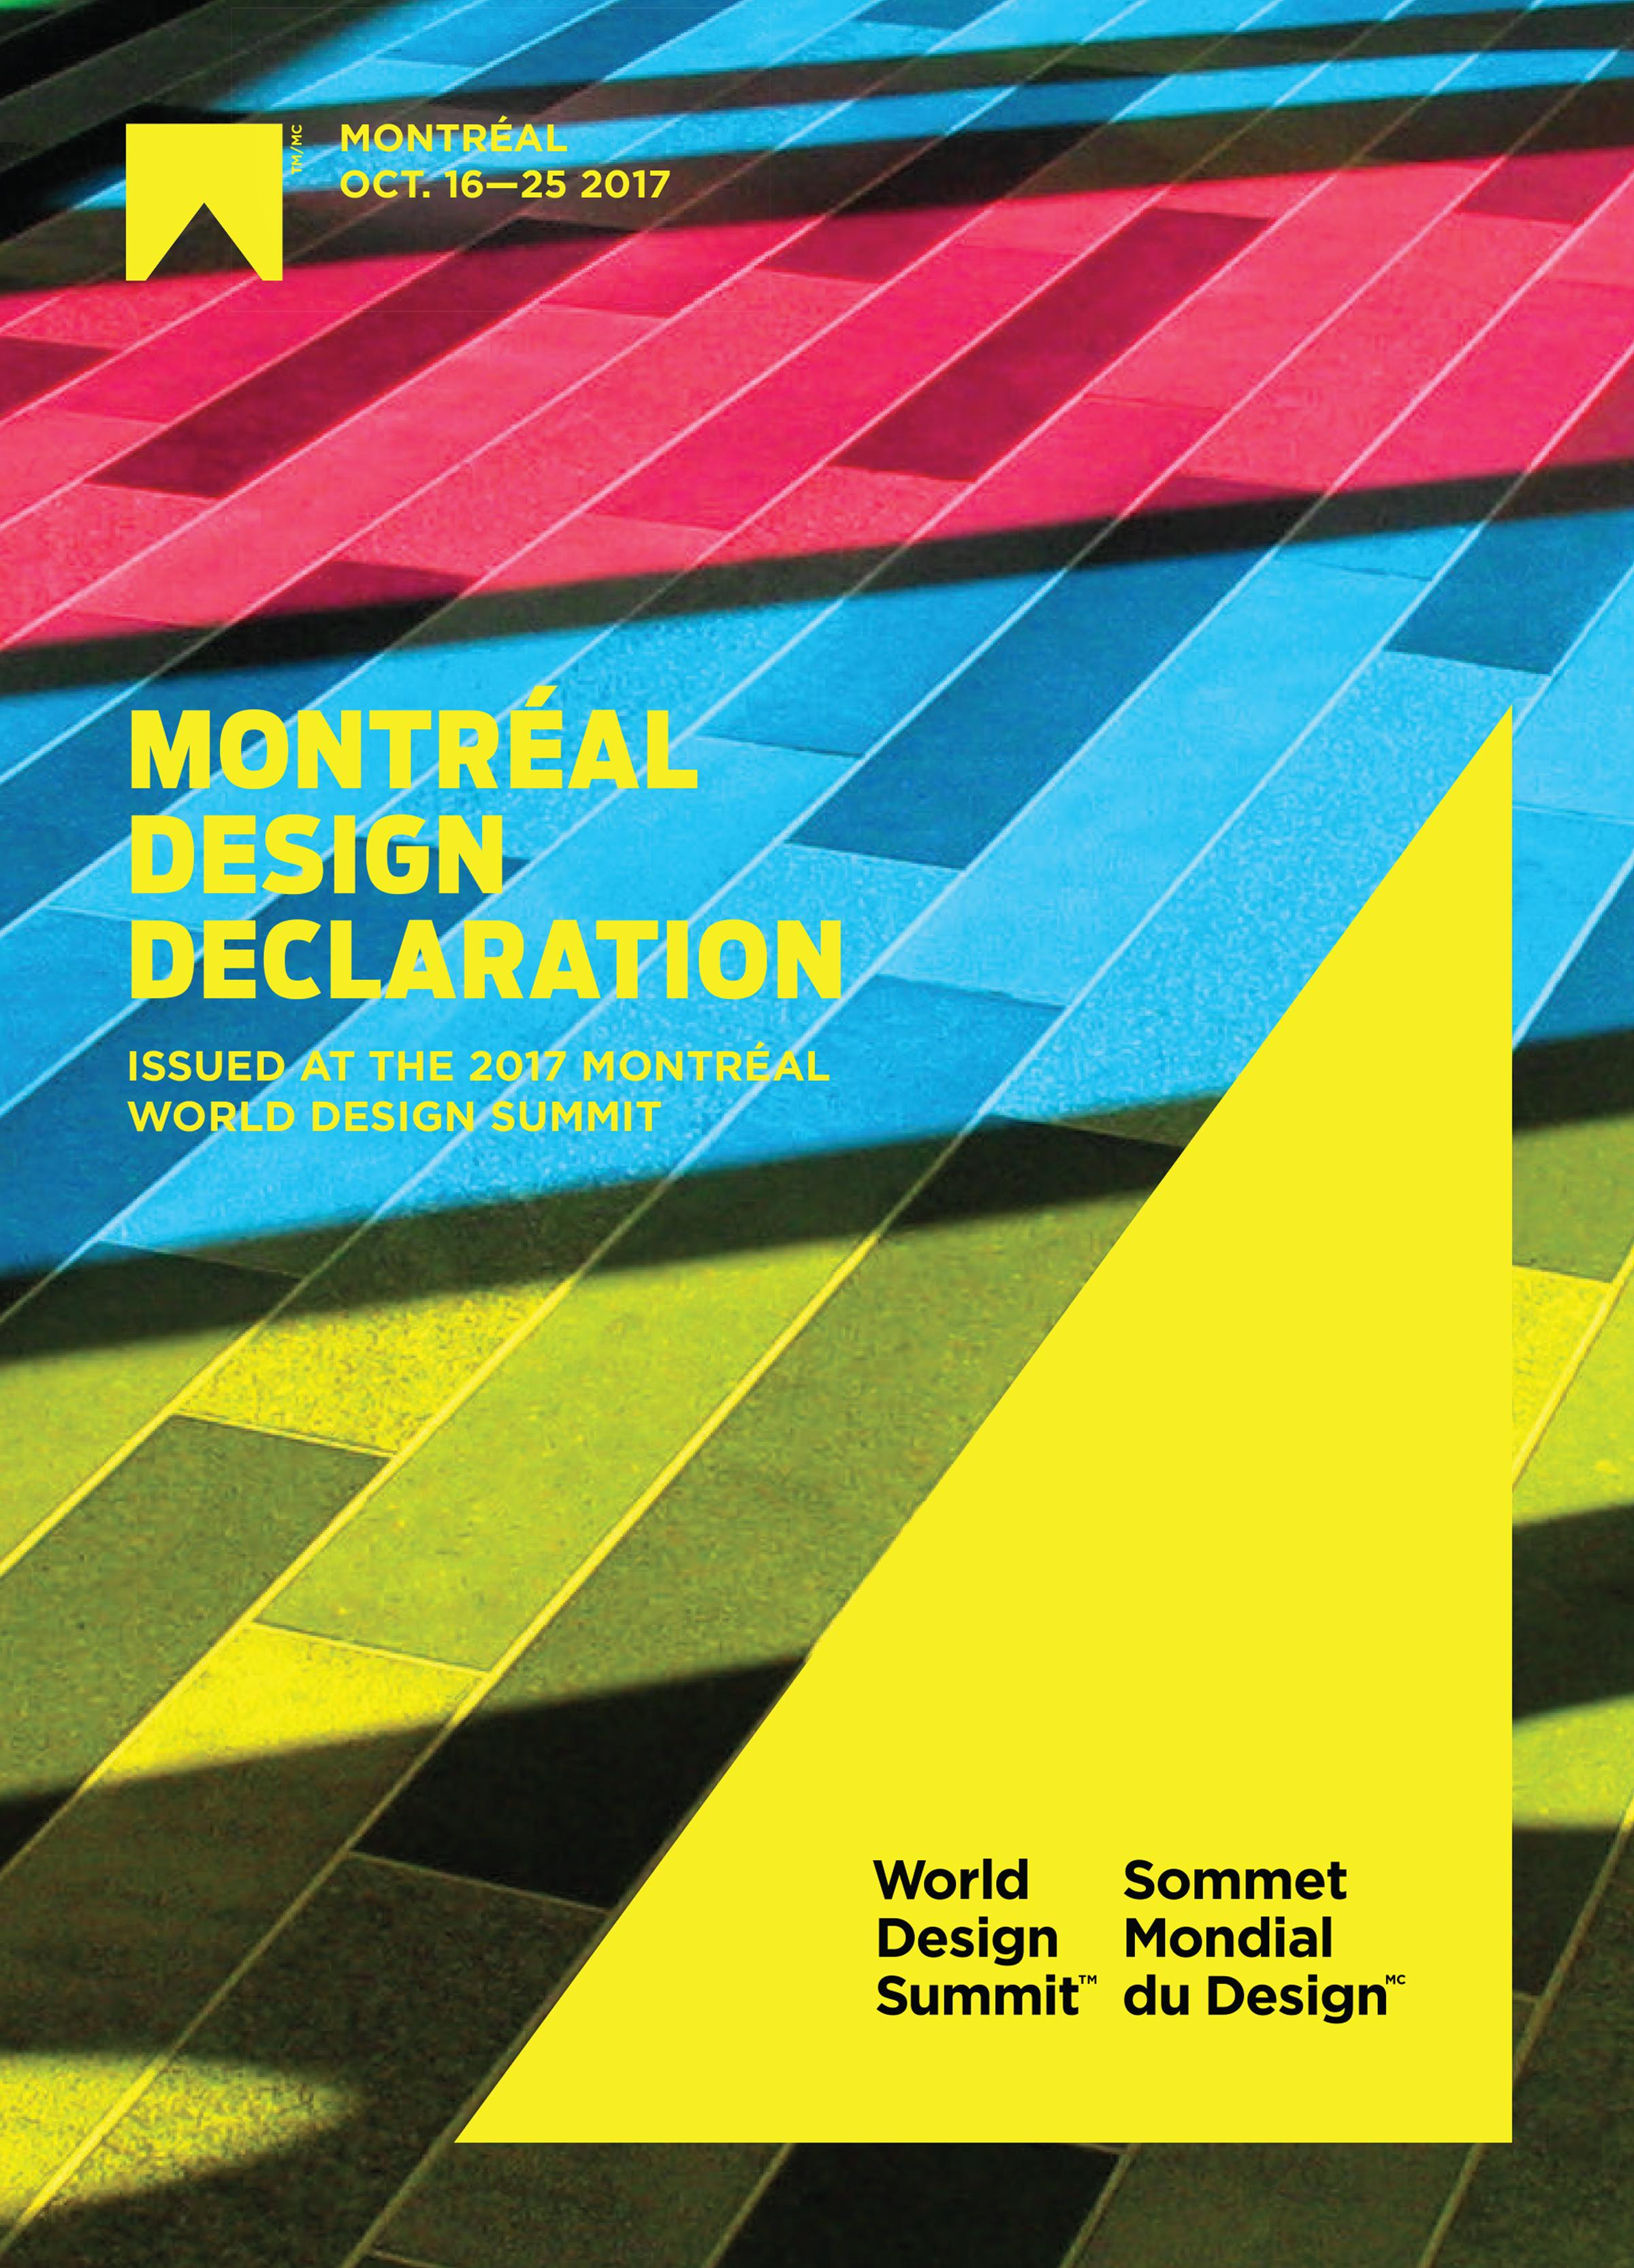 Strawn_and_Sierralta_World-Design-Summit_web_9.jpg